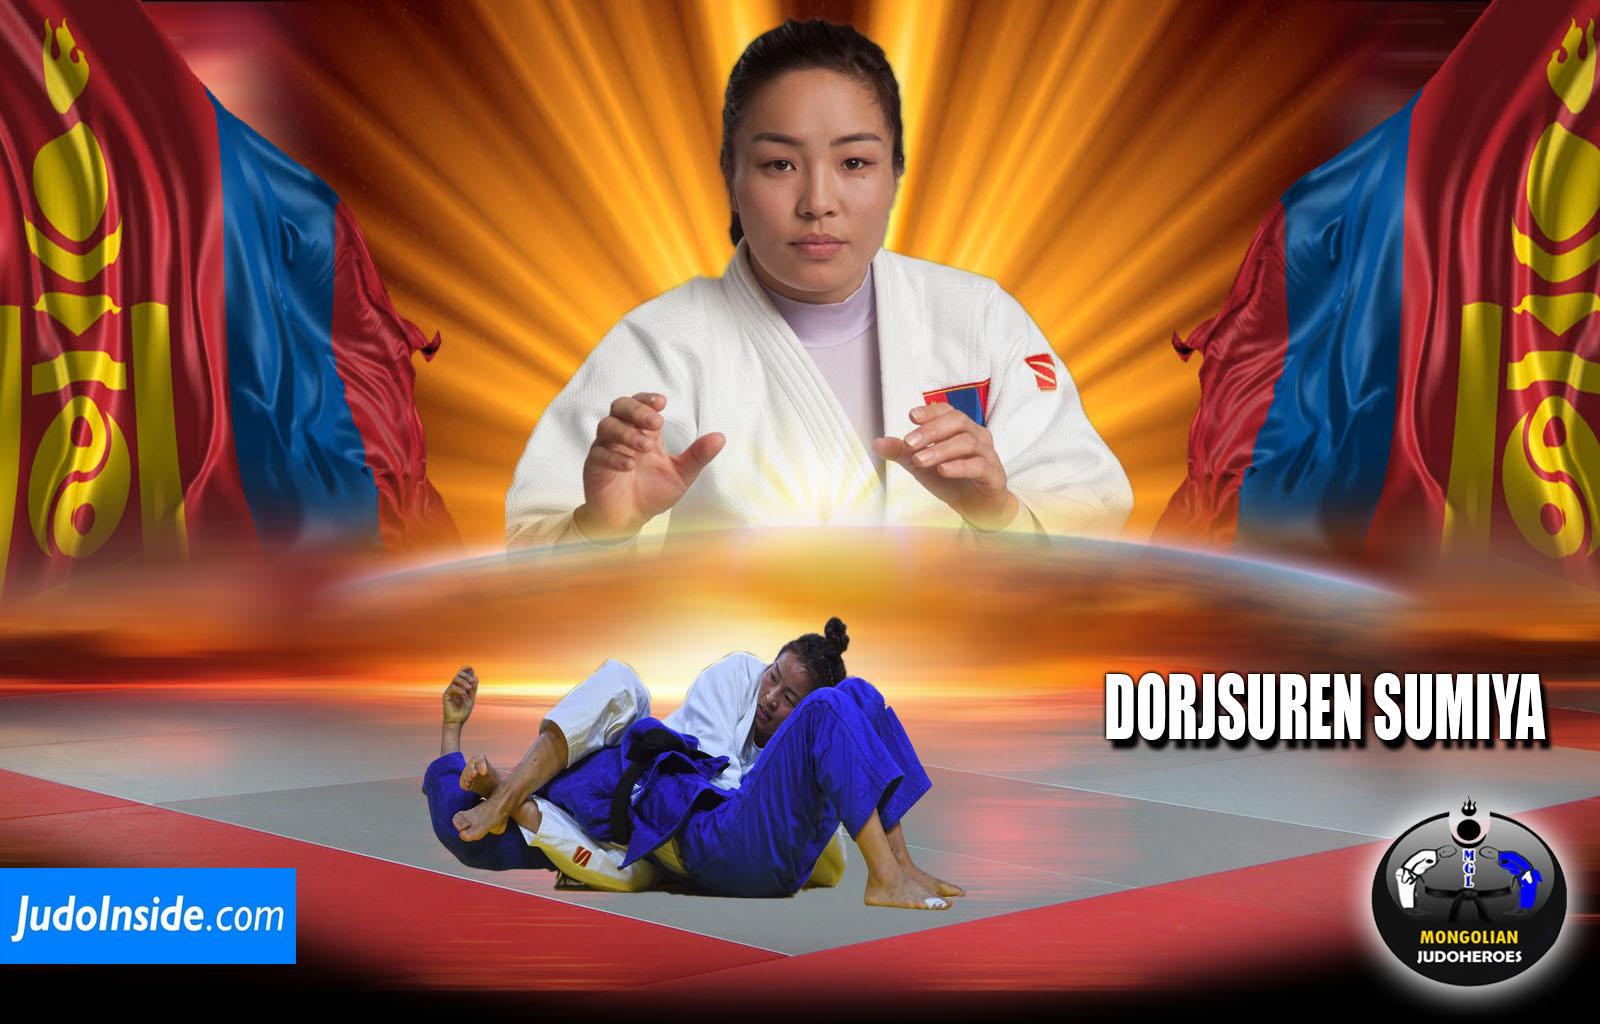 20180920_mjh_baku_judoka_sumiya_dorjsuren